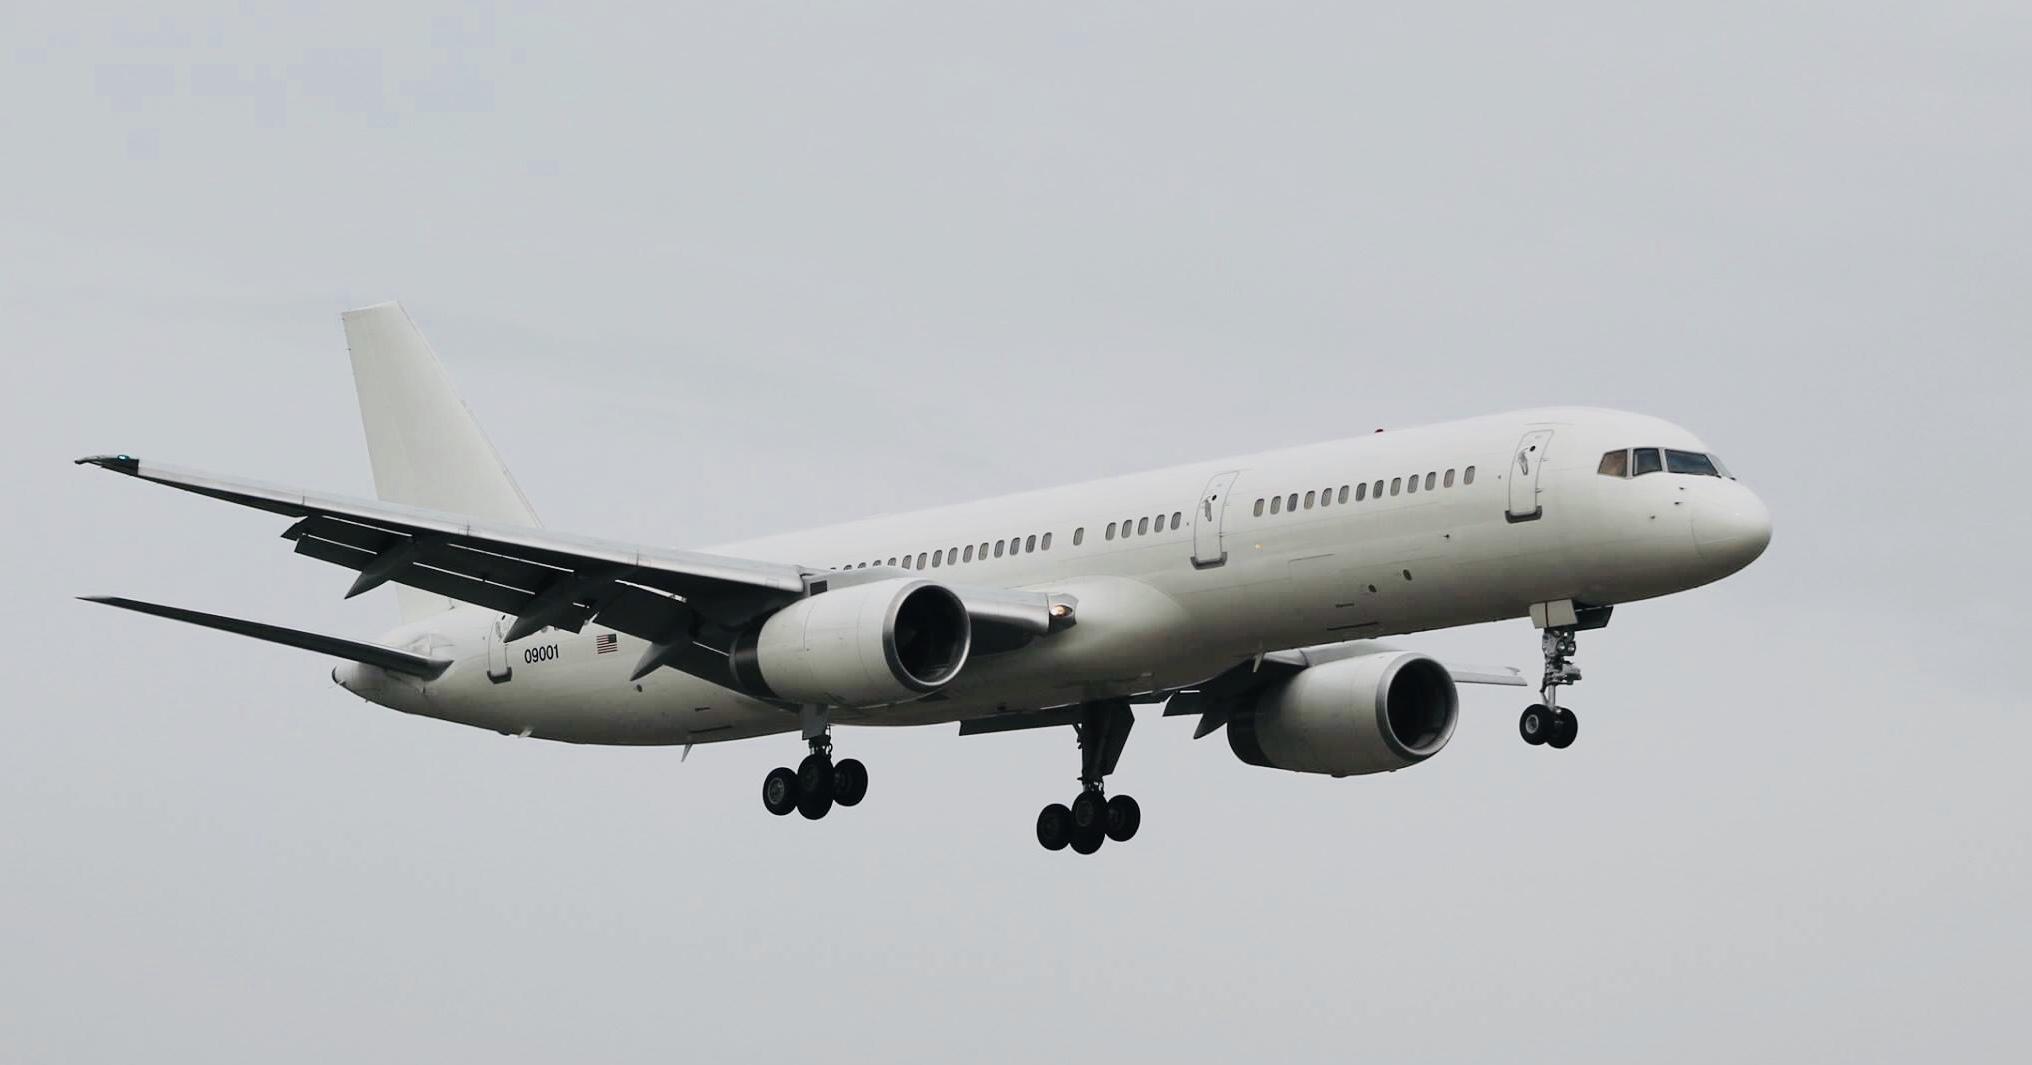 A3905A1C-1A84-4078-8D28-A668B694851C.jpeg